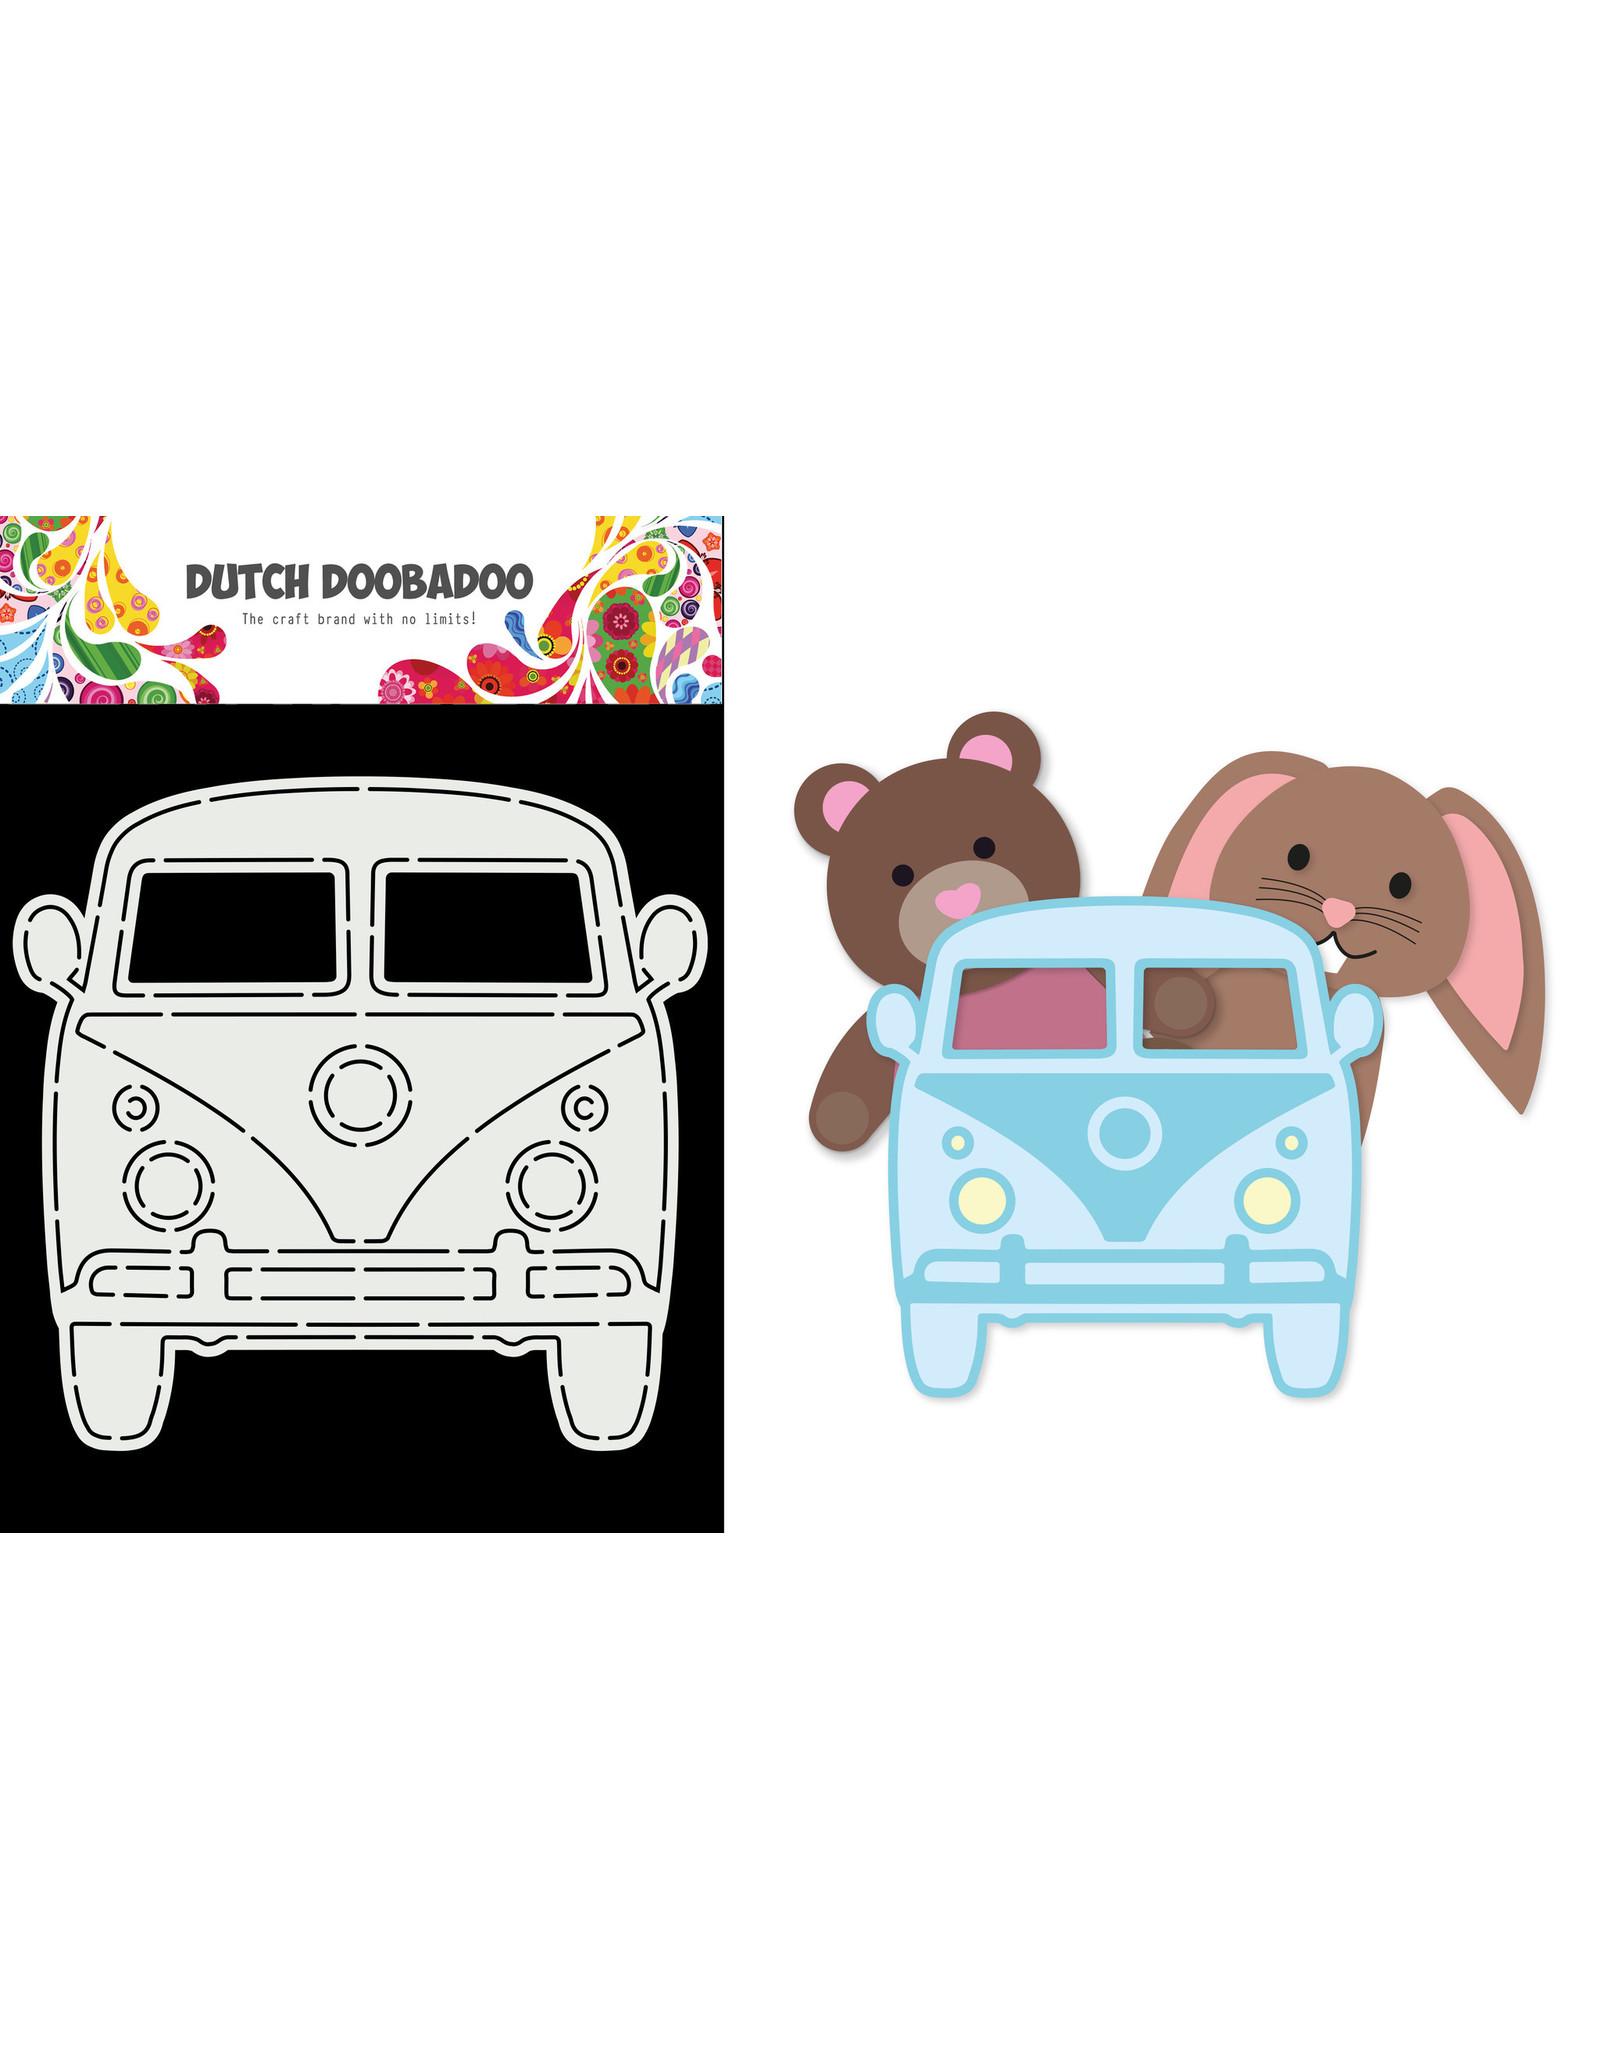 Dutch Doobadoo DDBD Card Art  Car VW